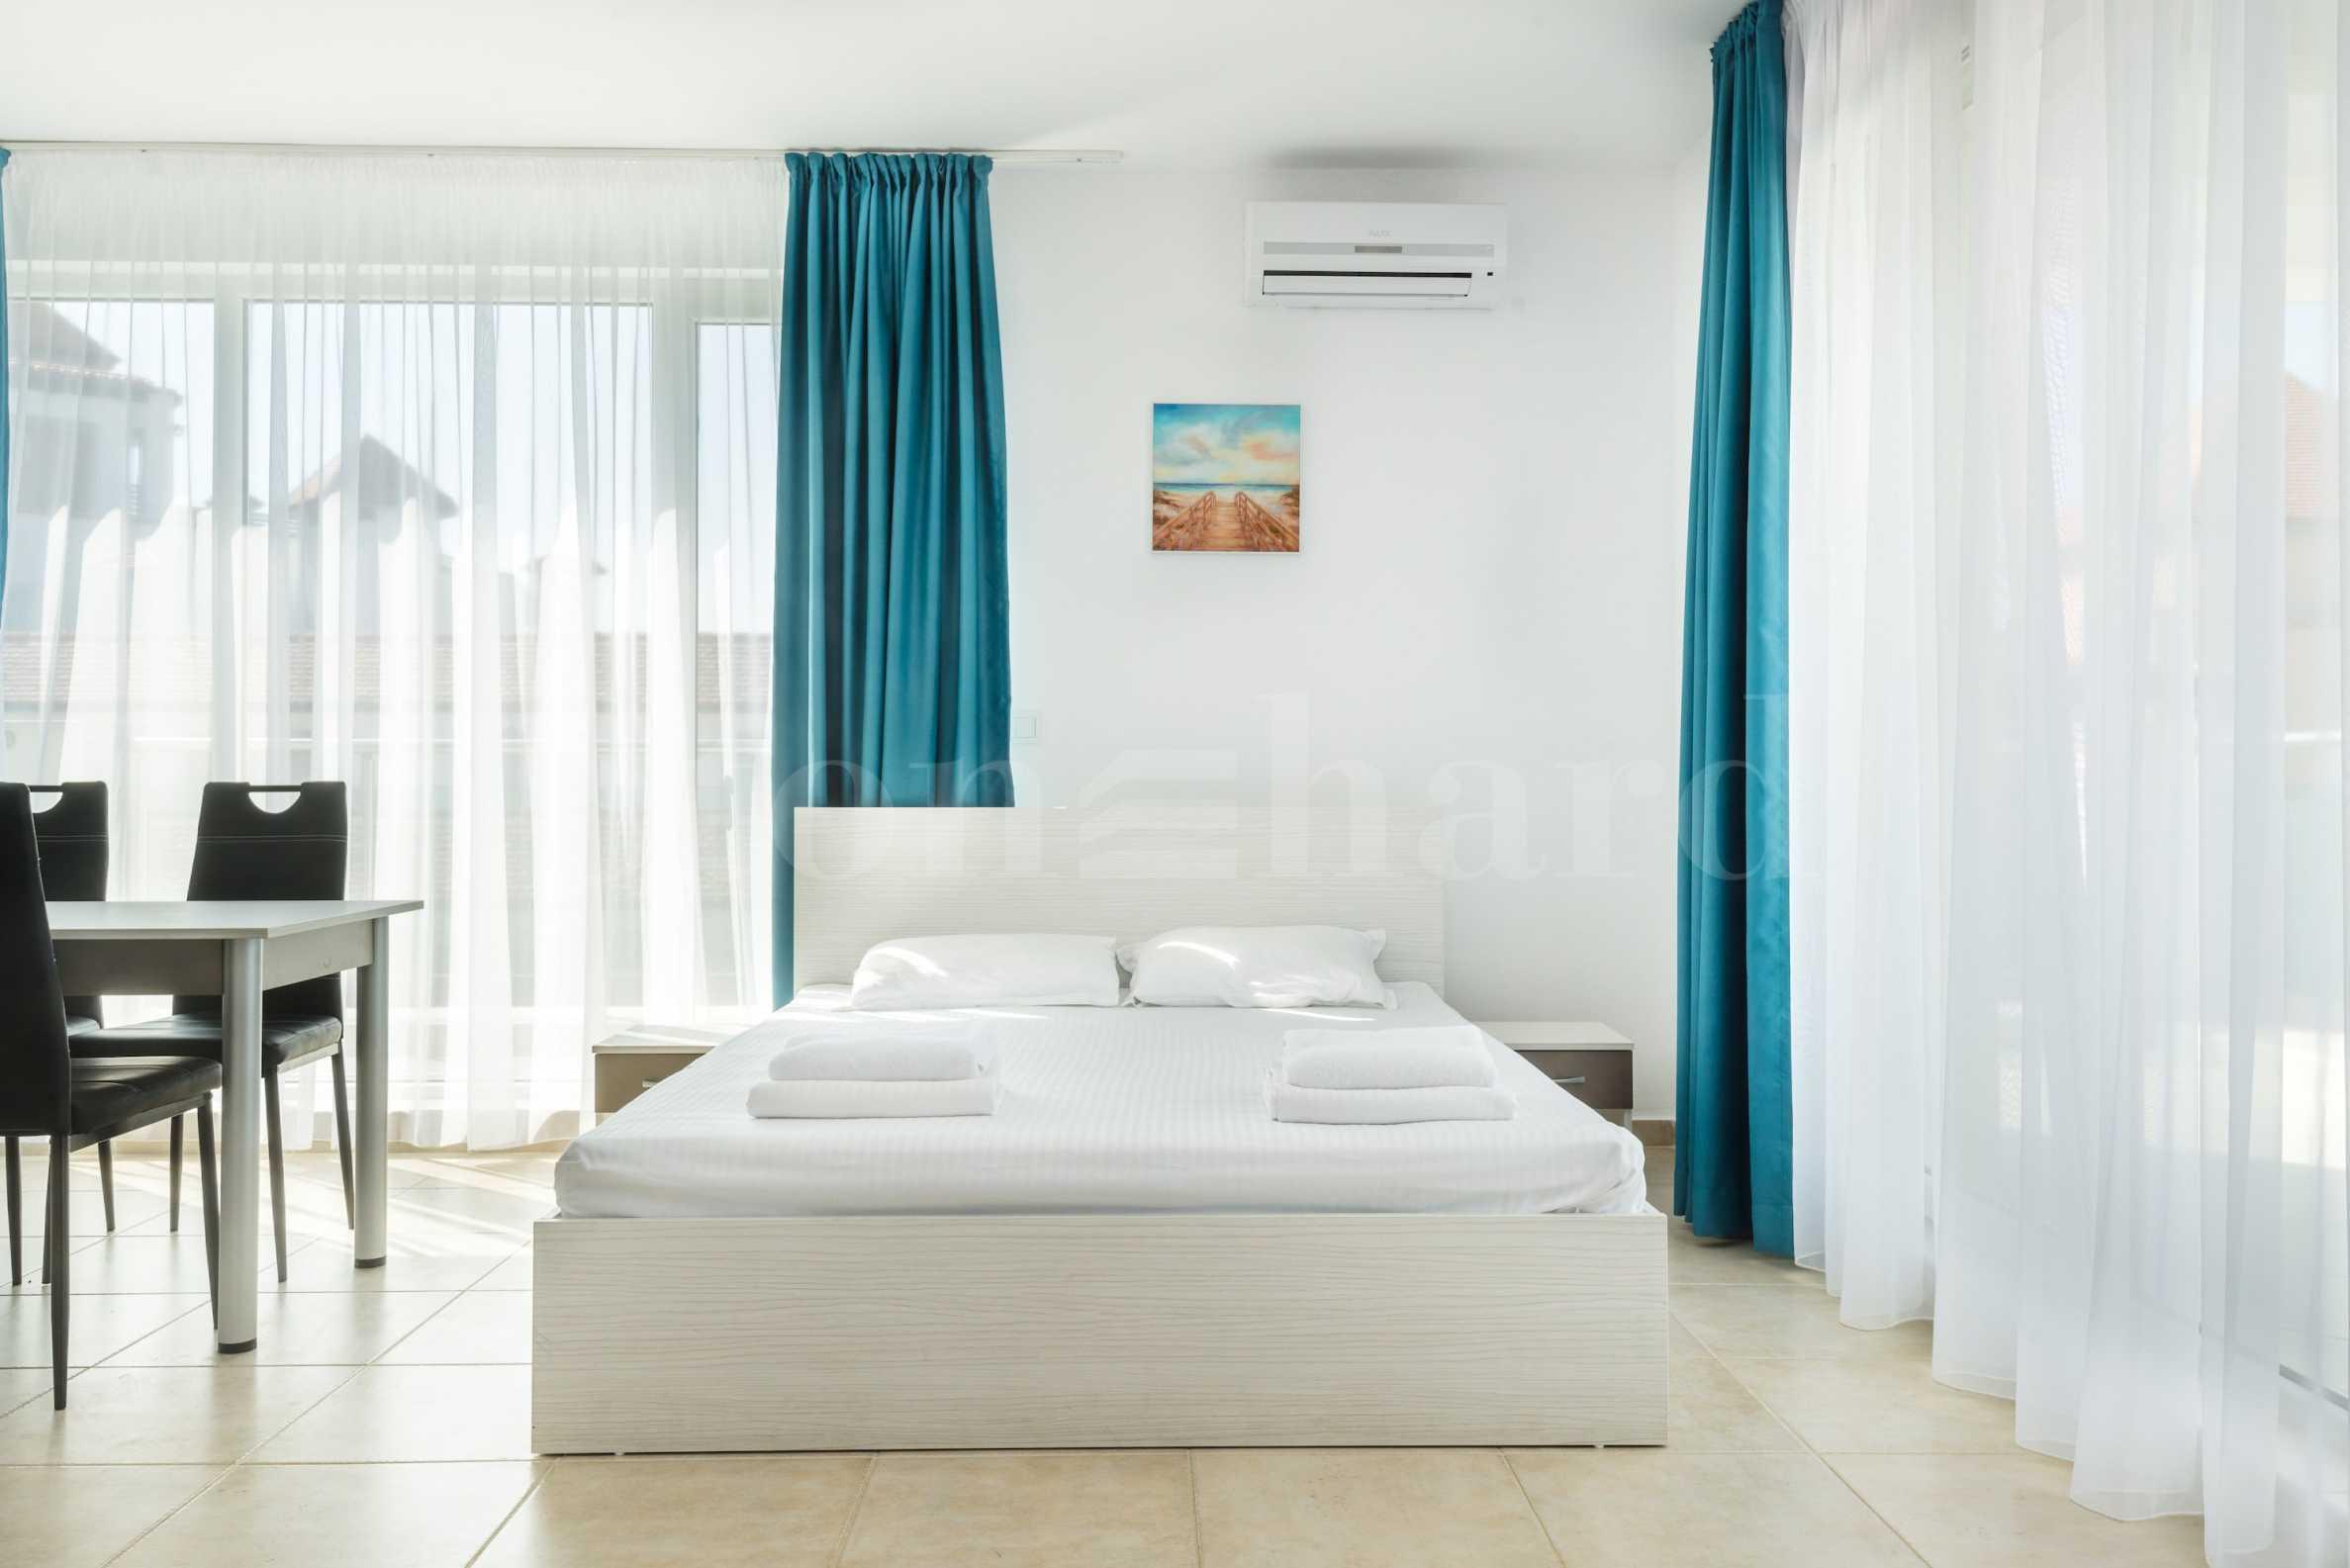 Апартаменти във ваканционен комплекс ново строителство в Синеморец2 - Stonehard